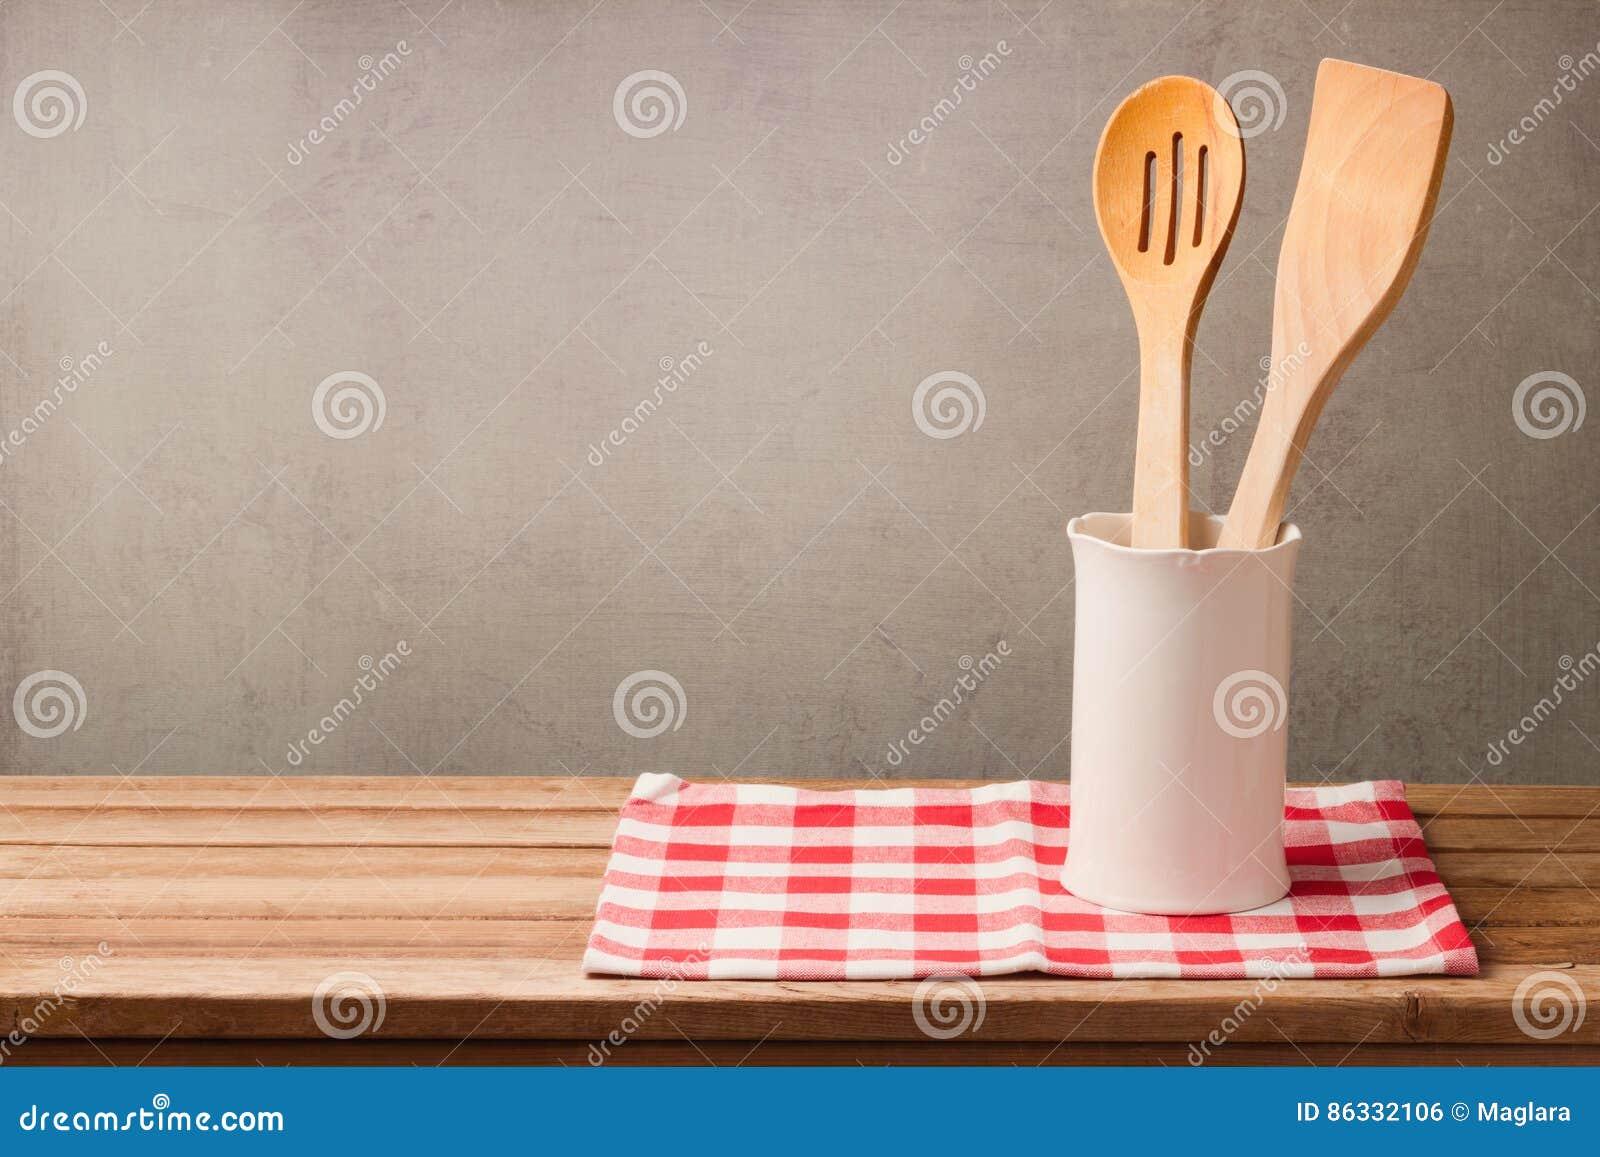 Деревянные утвари кухни на таблице с скатертью над grunge огораживают предпосылку с космосом экземпляра для монтажа продукта